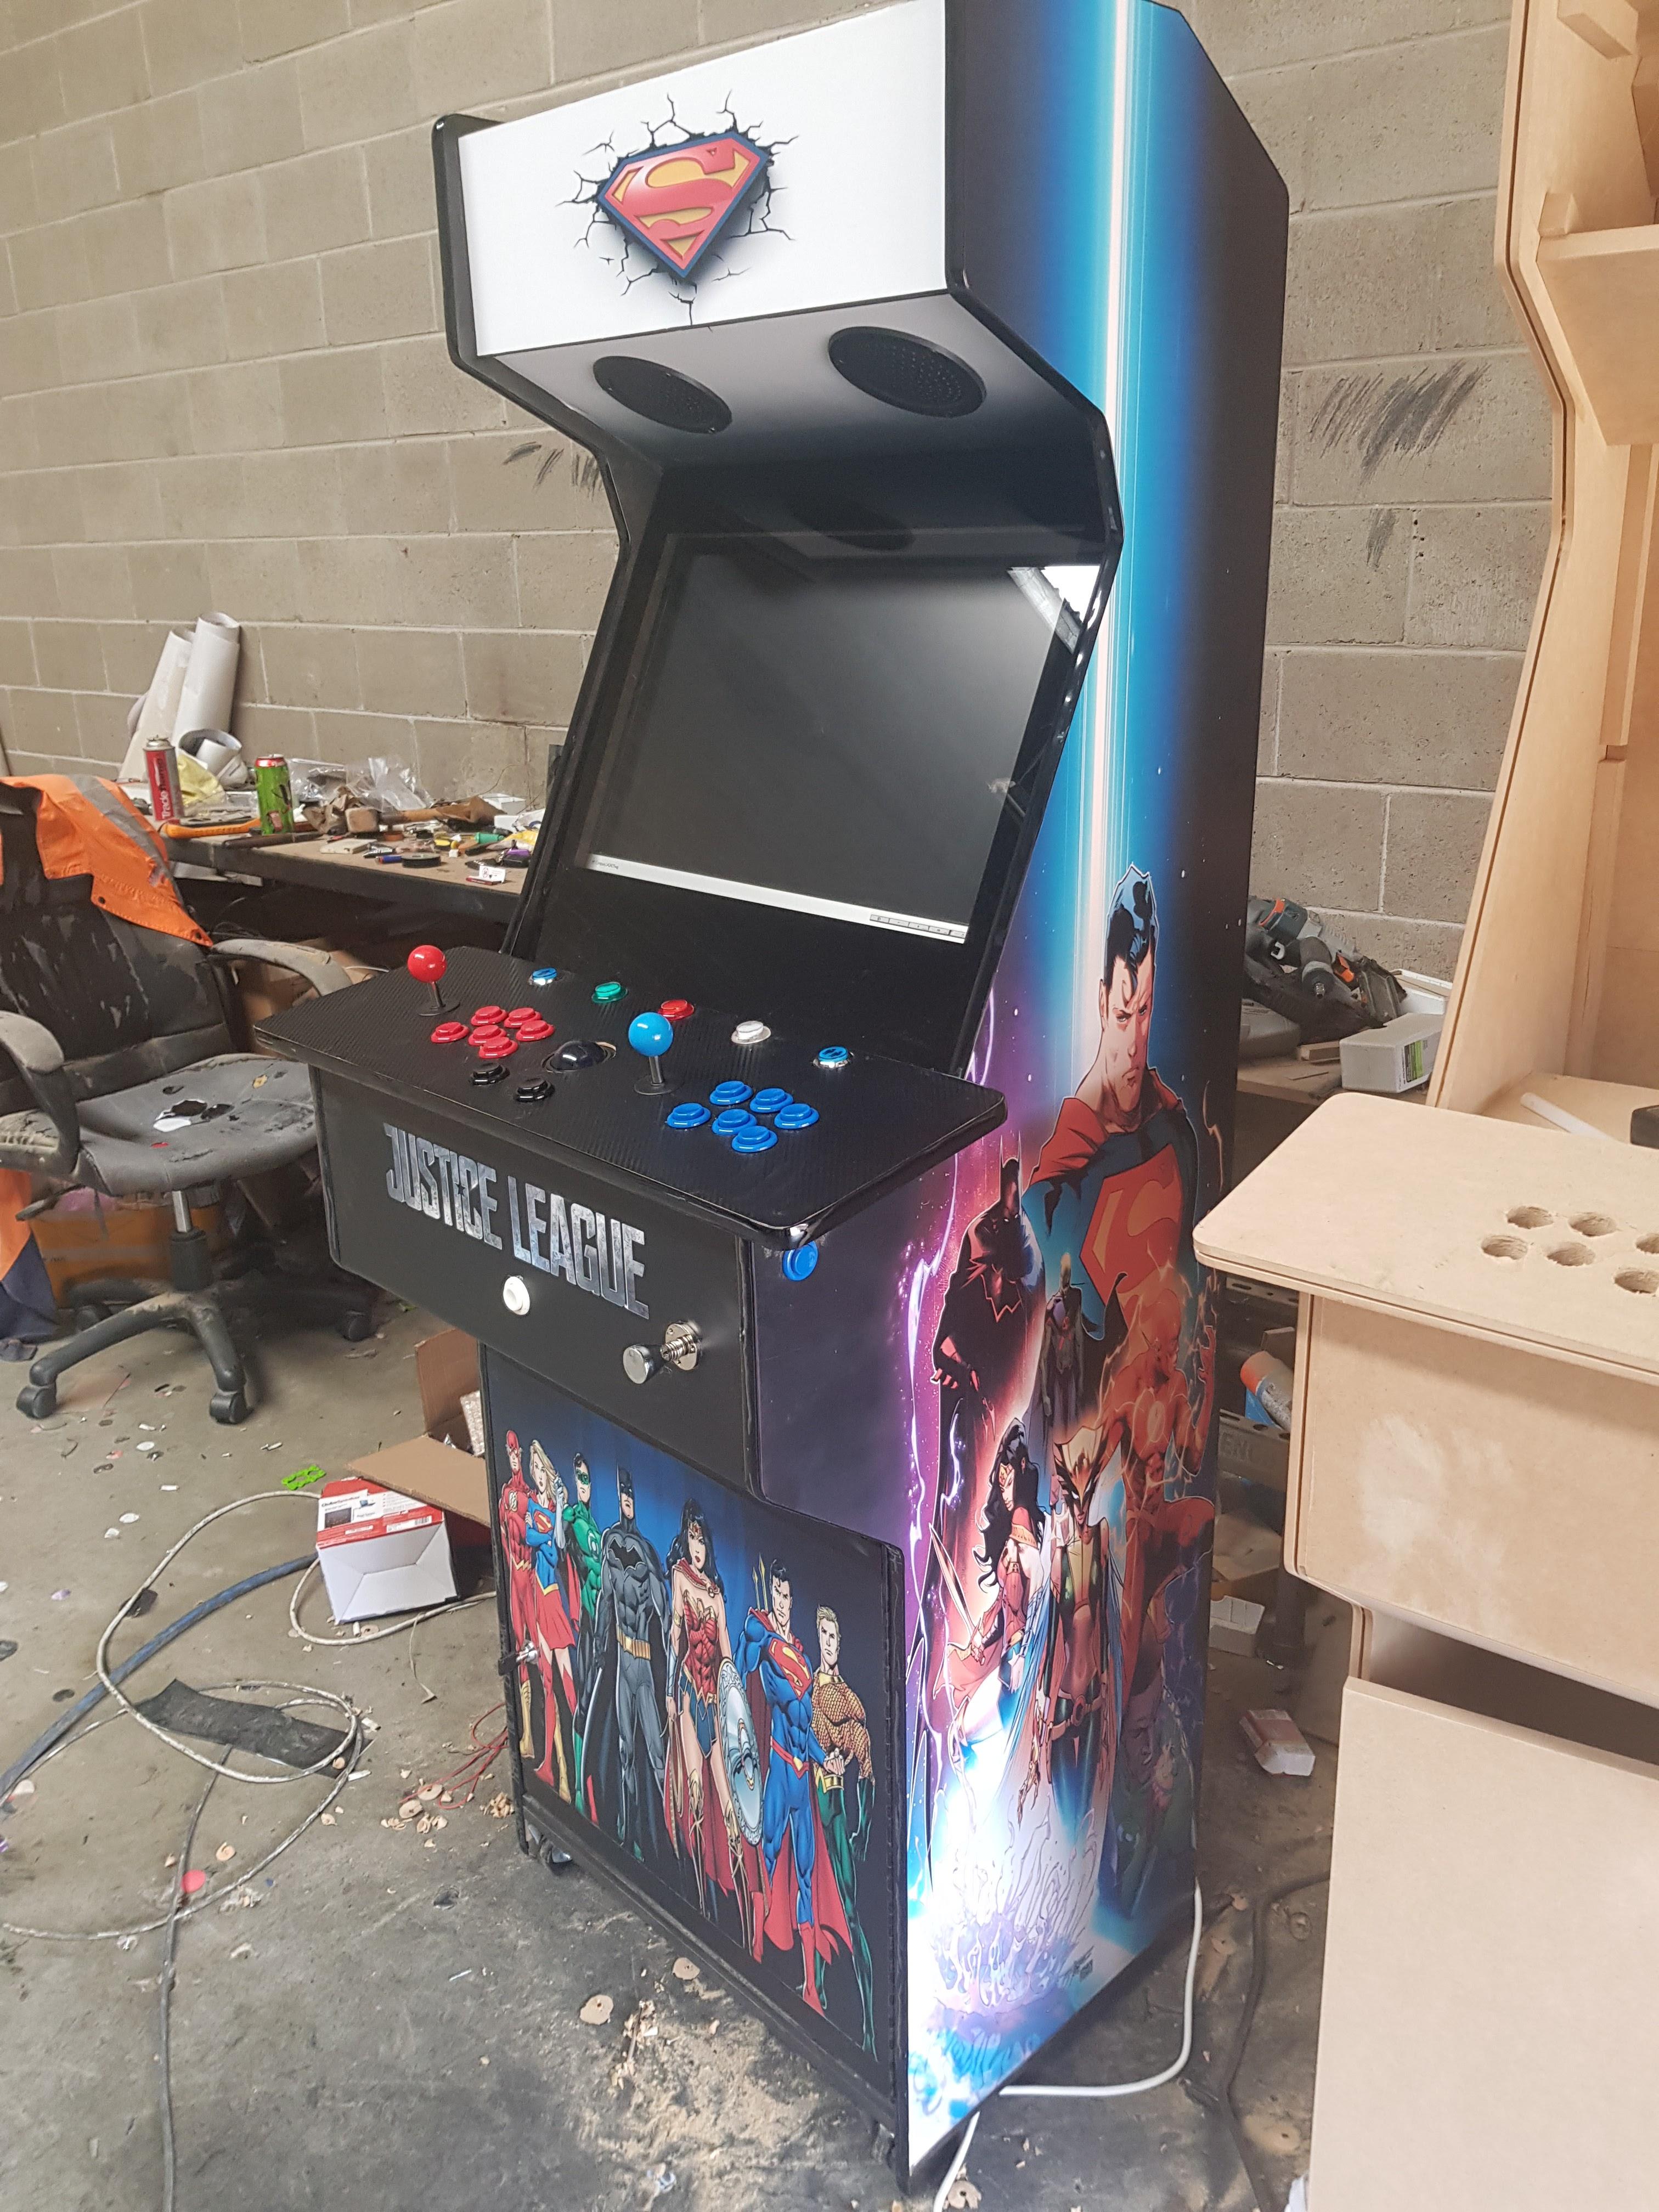 DC comics arcade